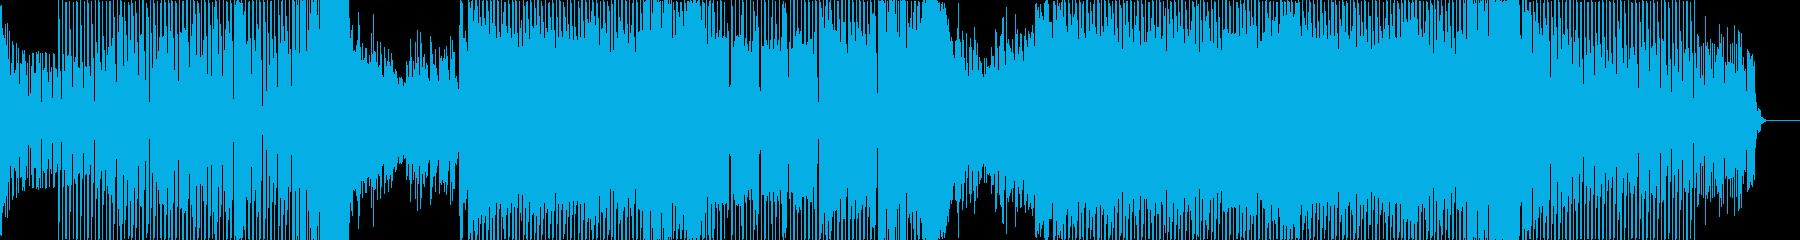 オールドラングサイン/蛍の光EDMカバーの再生済みの波形